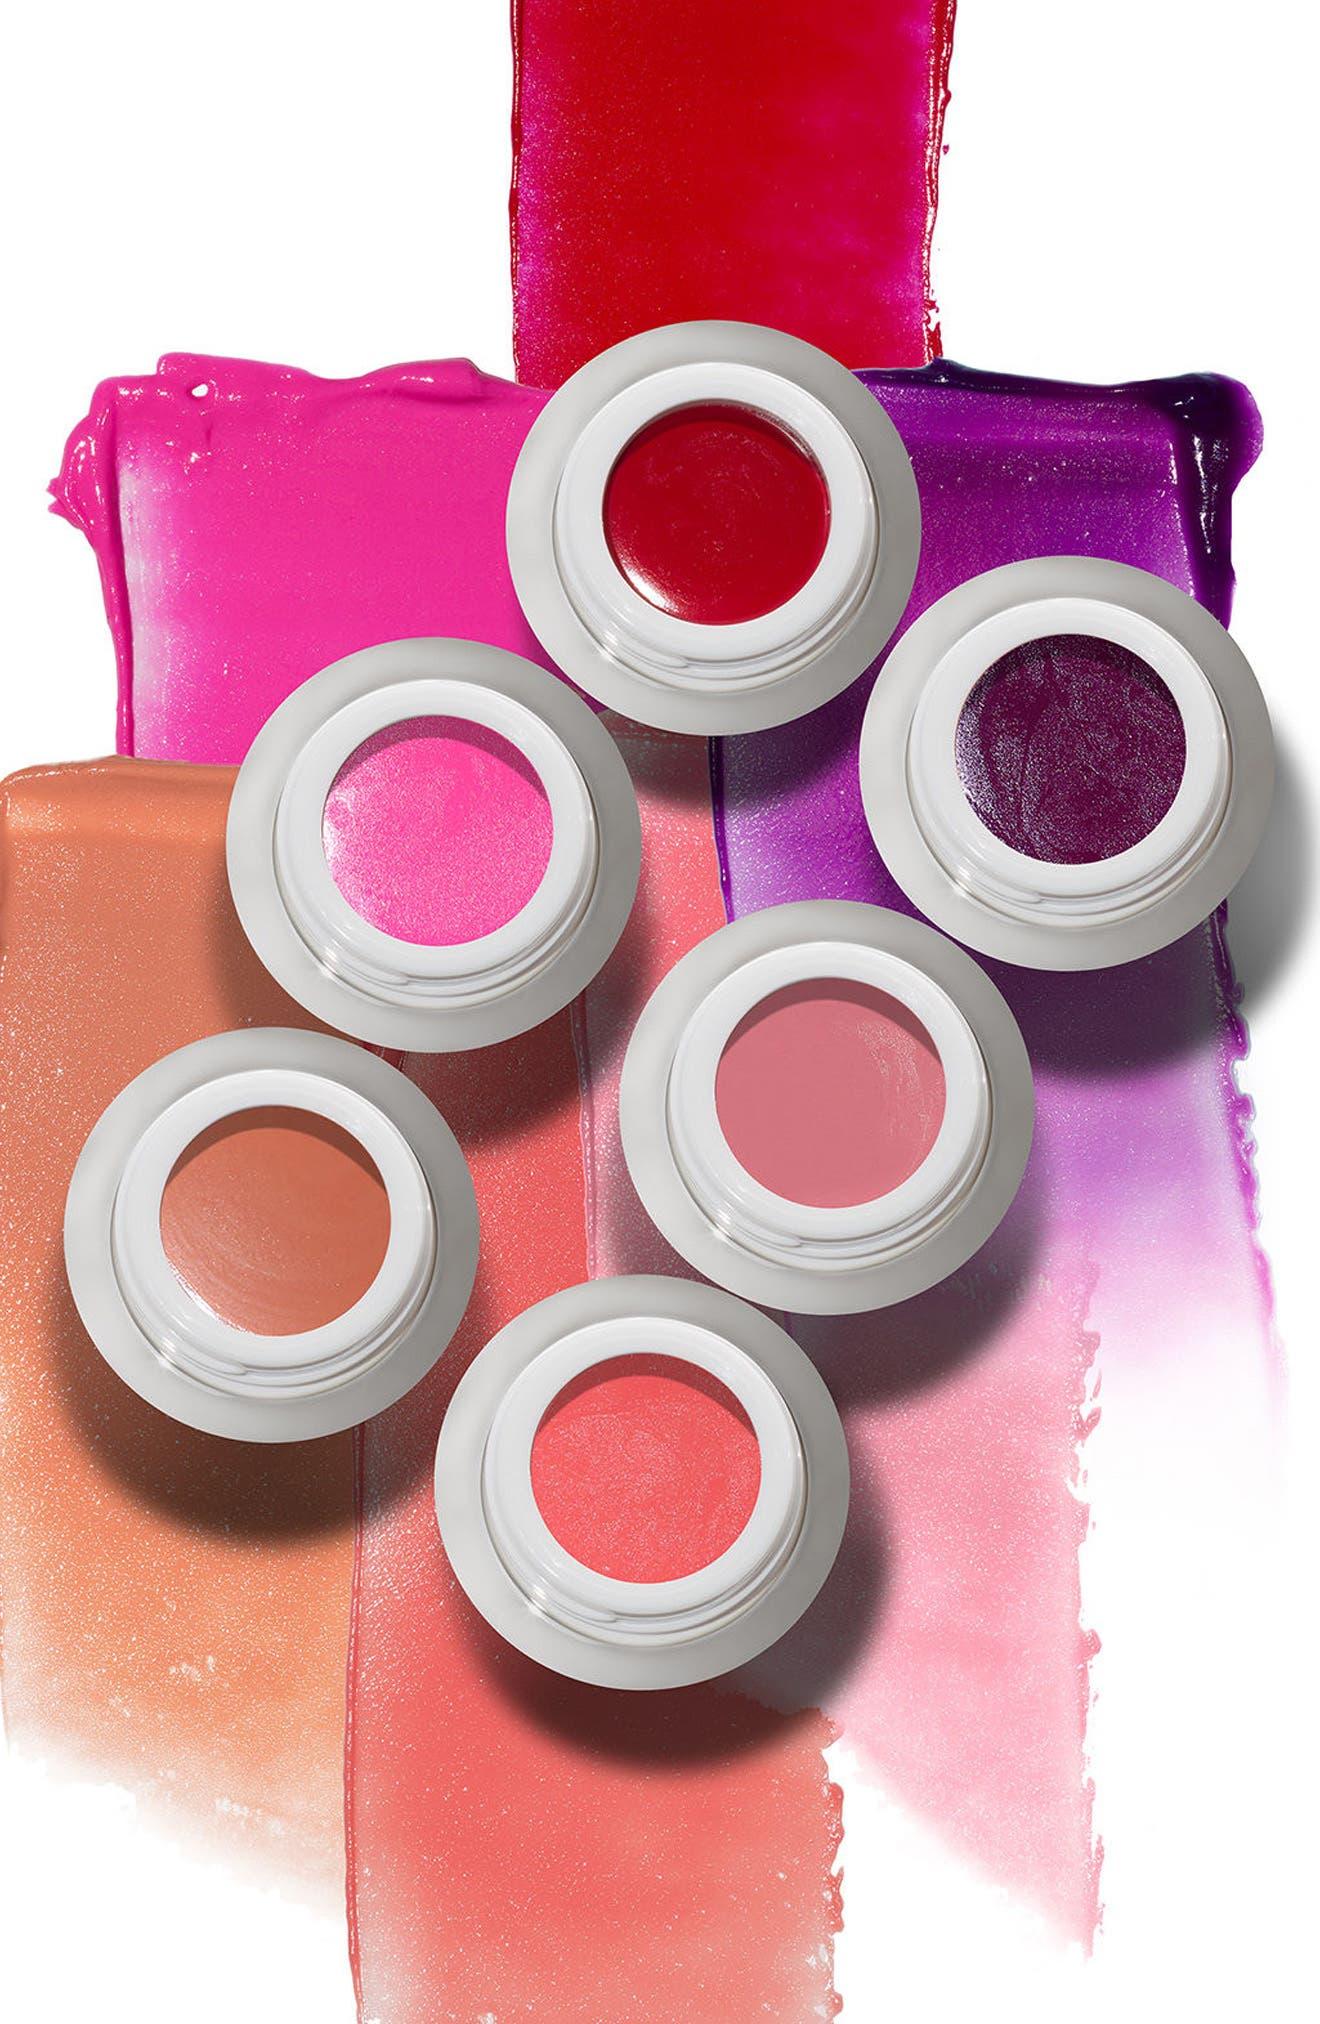 POUTMUD<sup>™</sup> Wet Lip Balm Tint,                             Alternate thumbnail 3, color,                             250